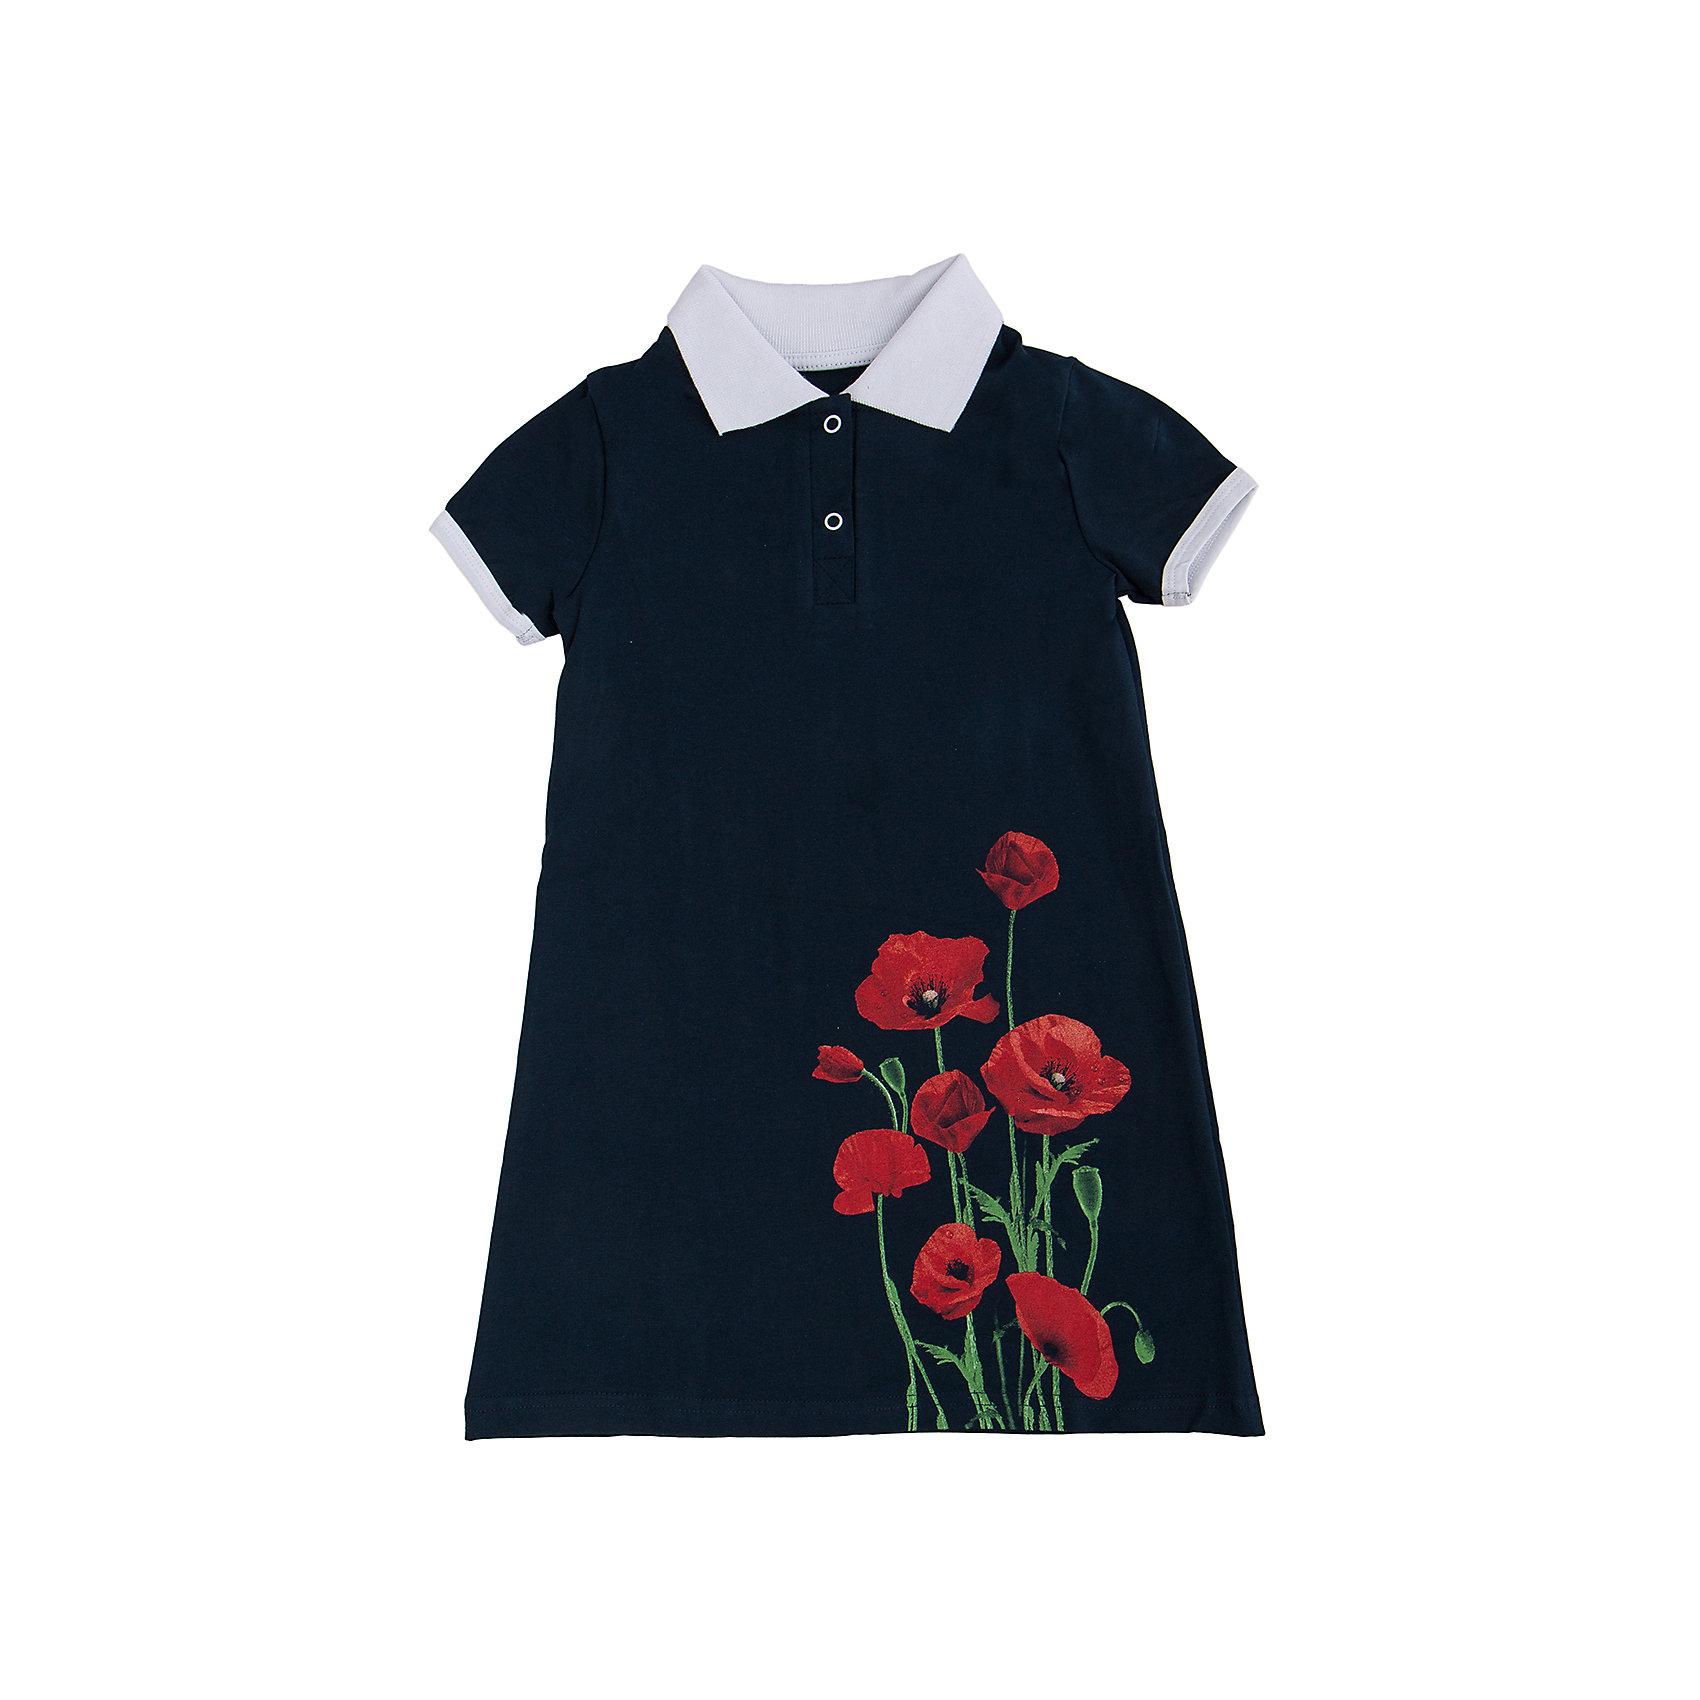 Платье АпрельПлатья и сарафаны<br>Стильное летнее платье, выполненное из тонкого хлопкового полотна. Приятное на ощупь, не сковывает движения, обеспечивая наибольший комфорт. Изделие прямого кроя с короткими рукавами, декорировано эффектным дизайнерским принтом, отложным воротничком контрастного цвета и застежкой поло. Отличный вариант для прогулки и праздника! Рекомендуется машинная стирка при температуре 40 градусов без предварительного замачивания.<br><br>Дополнительная информация: <br><br>- длина рукава: короткие<br>- вид застежки: кнопки<br>- вид бретелек: без бретелек<br>- длина изделия: по спинке: 52 см<br>- фактура материала: трикотажный<br>- длина юбки: мини<br>- тип карманов: без карманов<br>- по назначению: повседневный стиль<br>- сезон: лето<br>- пол: девочки<br>- фирма-производитель: апрель<br>- страна производитель: россия<br>- комплектация: платье<br>- цвет: темно-синий, красный, белый<br>- состав: хлопок 92%,лайкра 8%<br>- коллекция Маки<br><br>Платье коллекция Маки от торговой марки Апрель можно купить в нашем интернет-магазине.<br><br>Ширина мм: 236<br>Глубина мм: 16<br>Высота мм: 184<br>Вес г: 177<br>Цвет: темно-синий<br>Возраст от месяцев: 96<br>Возраст до месяцев: 108<br>Пол: Женский<br>Возраст: Детский<br>Размер: 134,110,146,140,116,122,128<br>SKU: 4630559